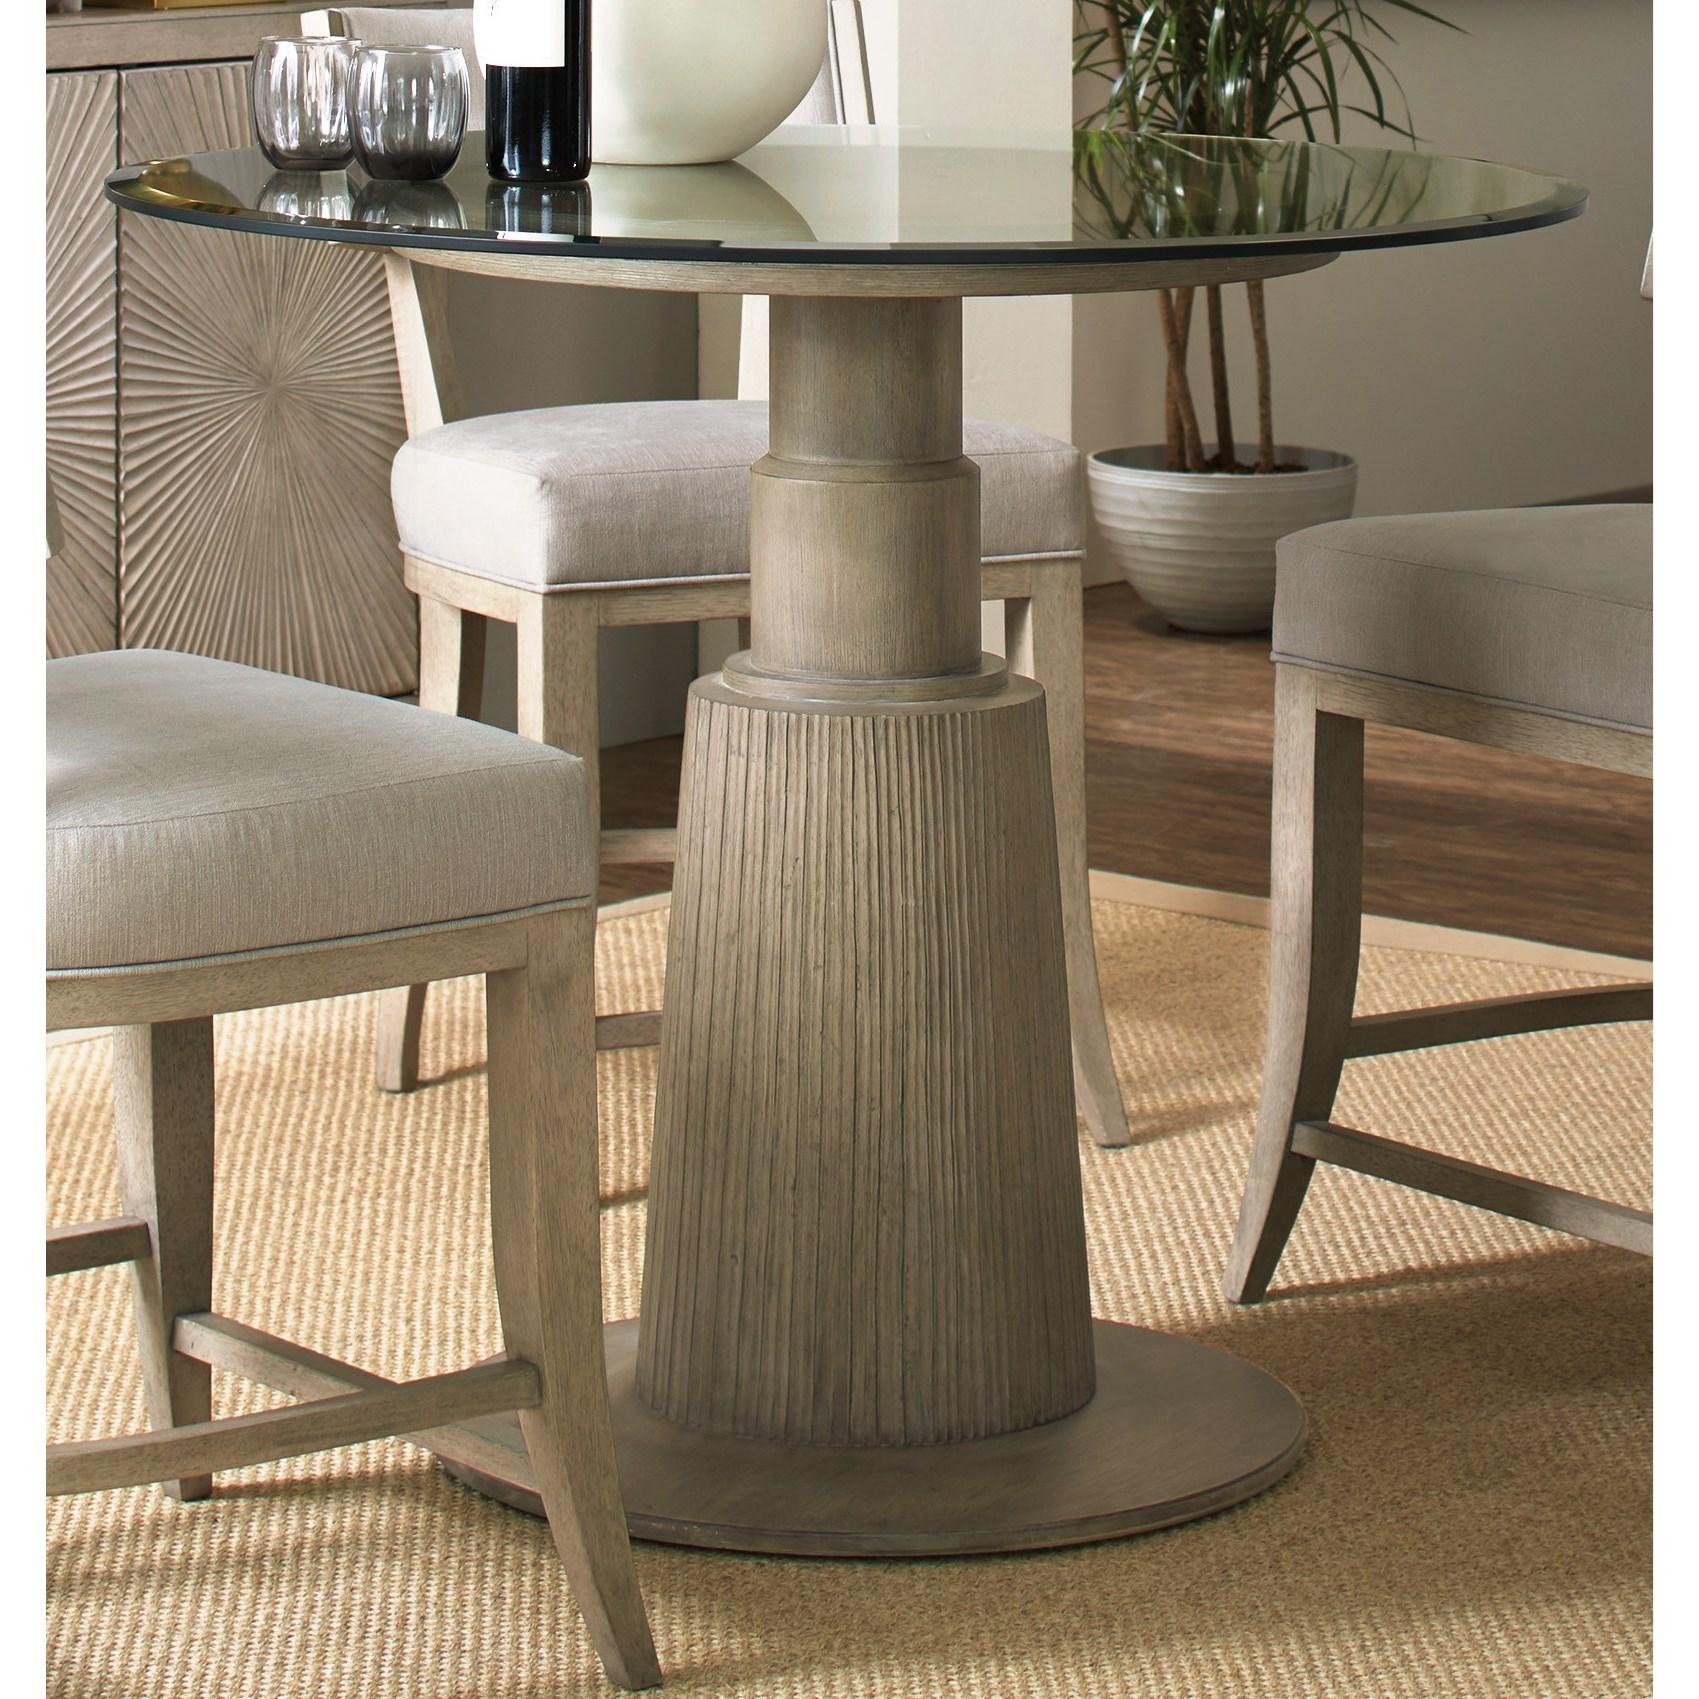 hooker furniture elixir 42 adjustable height round dining table wayside furniture dining tables. Black Bedroom Furniture Sets. Home Design Ideas